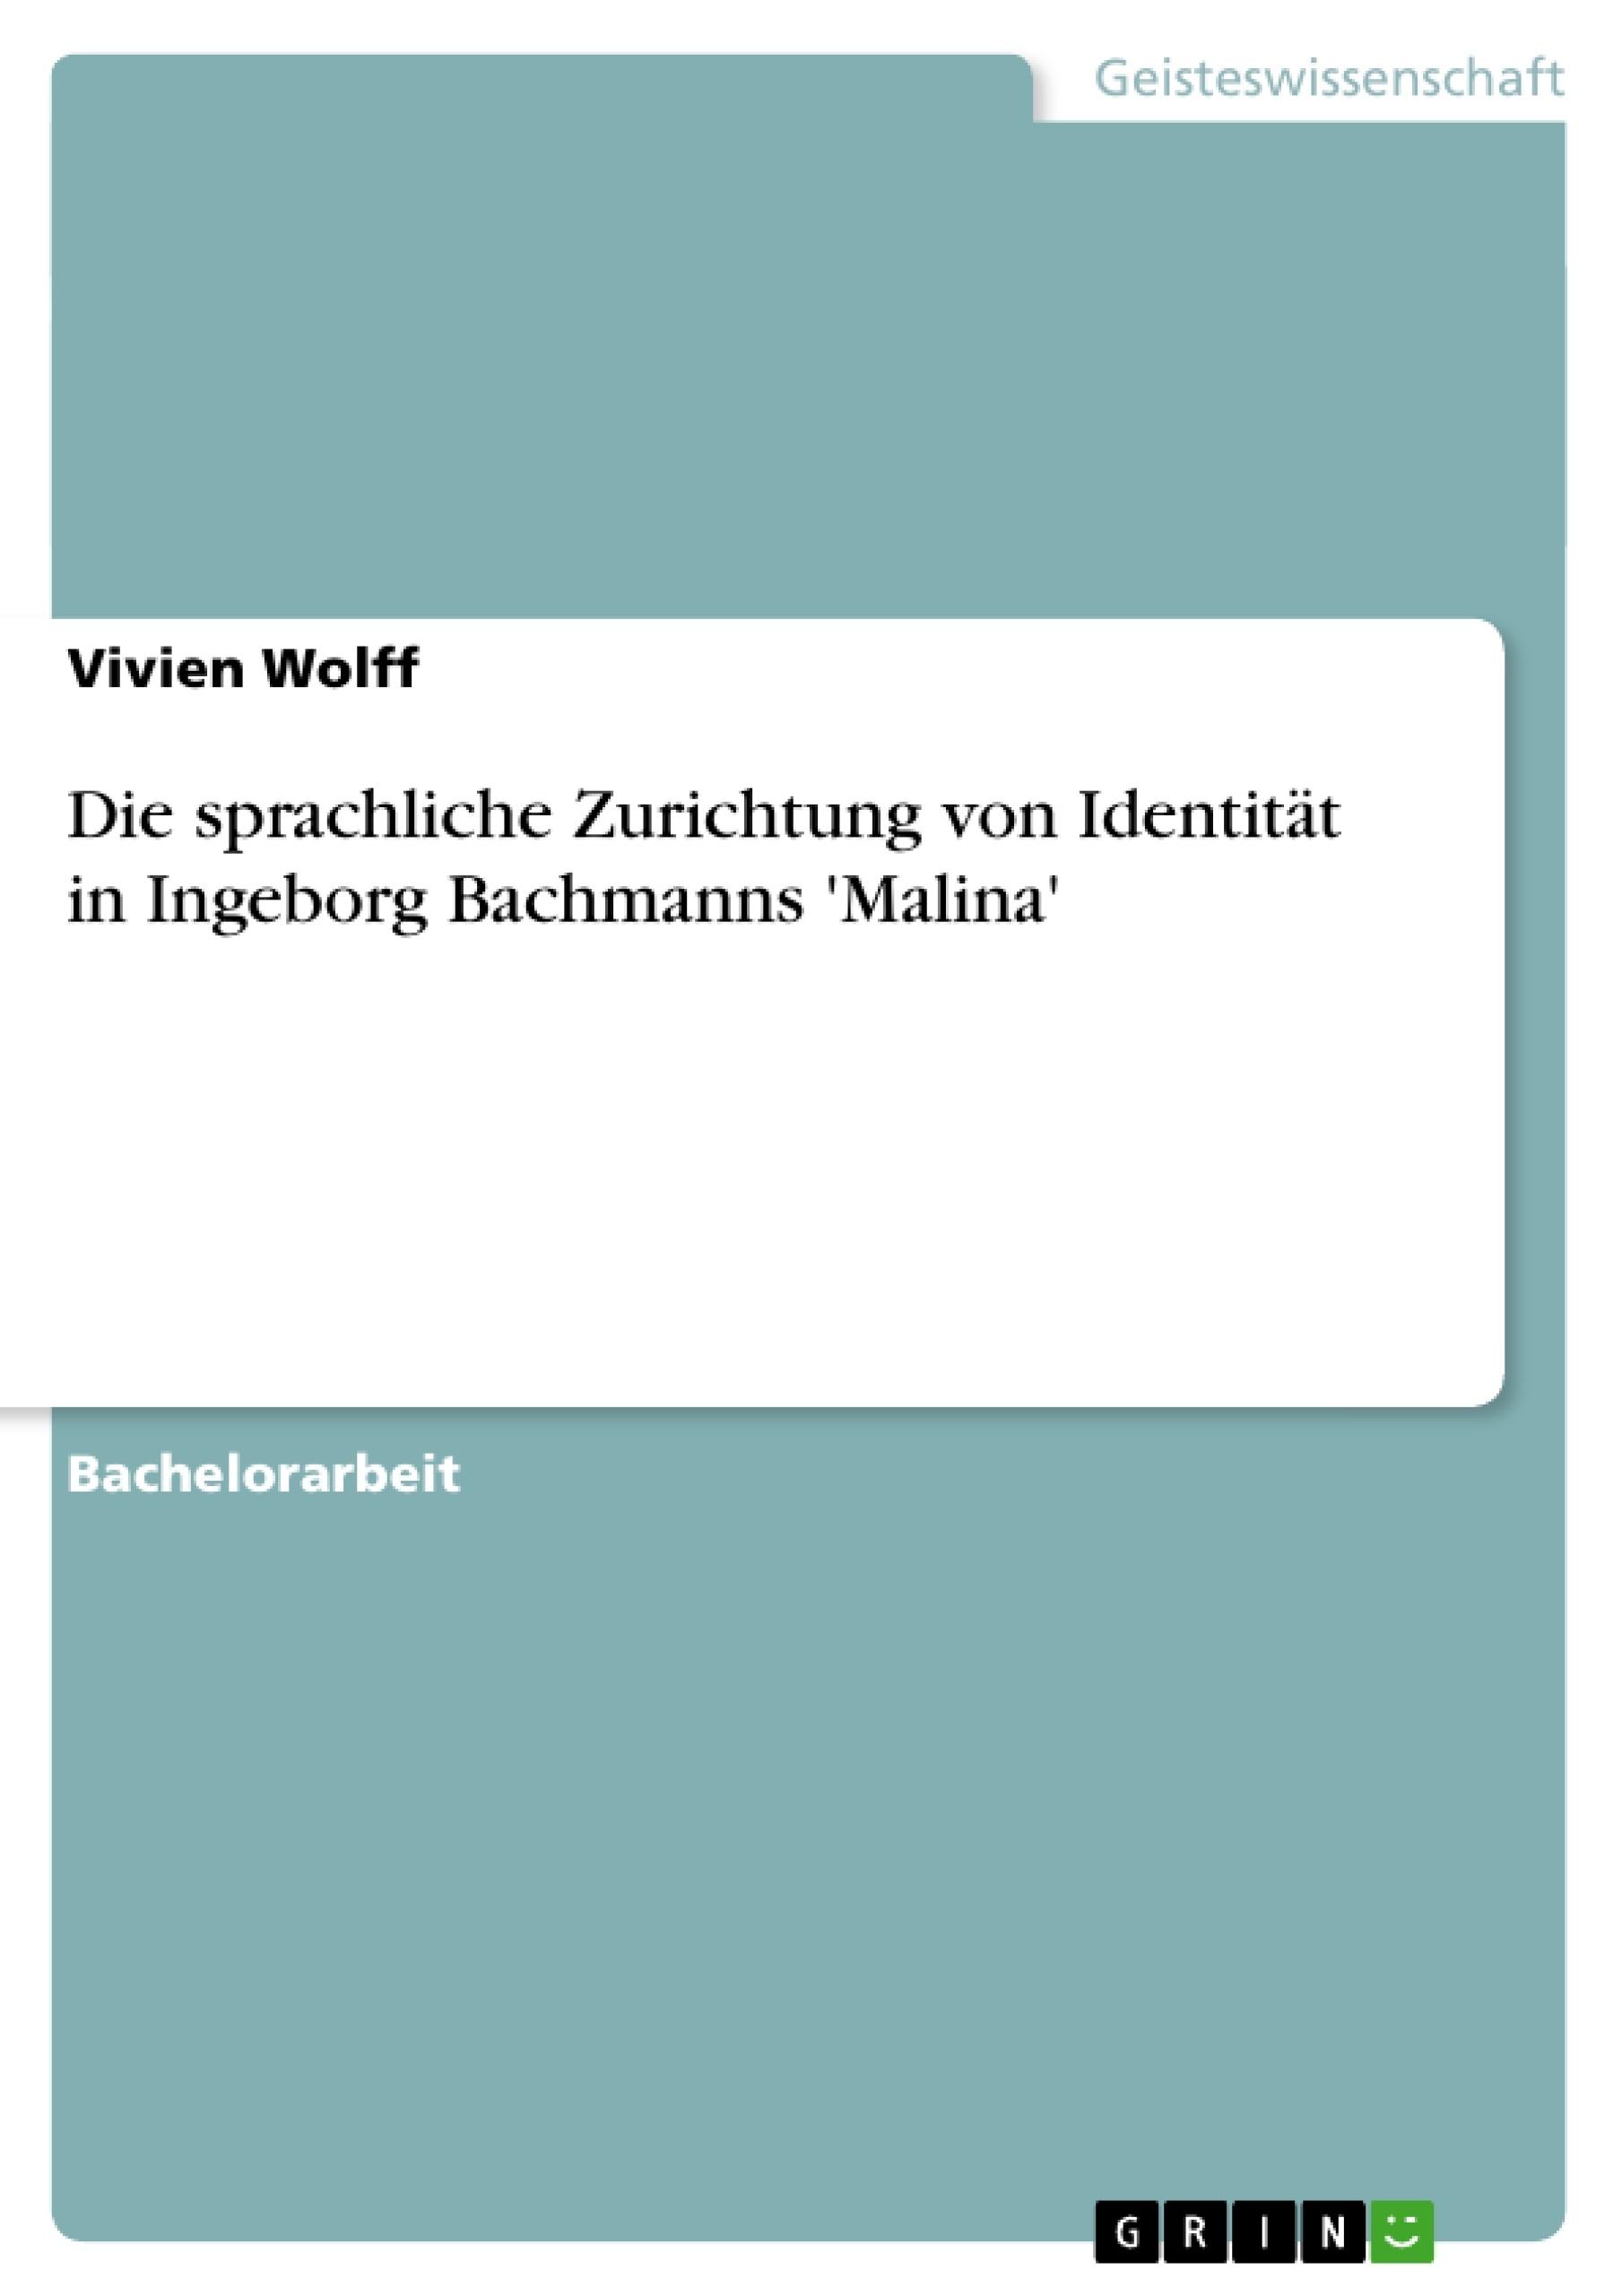 Titel: Die sprachliche Zurichtung von Identität in Ingeborg Bachmanns 'Malina'